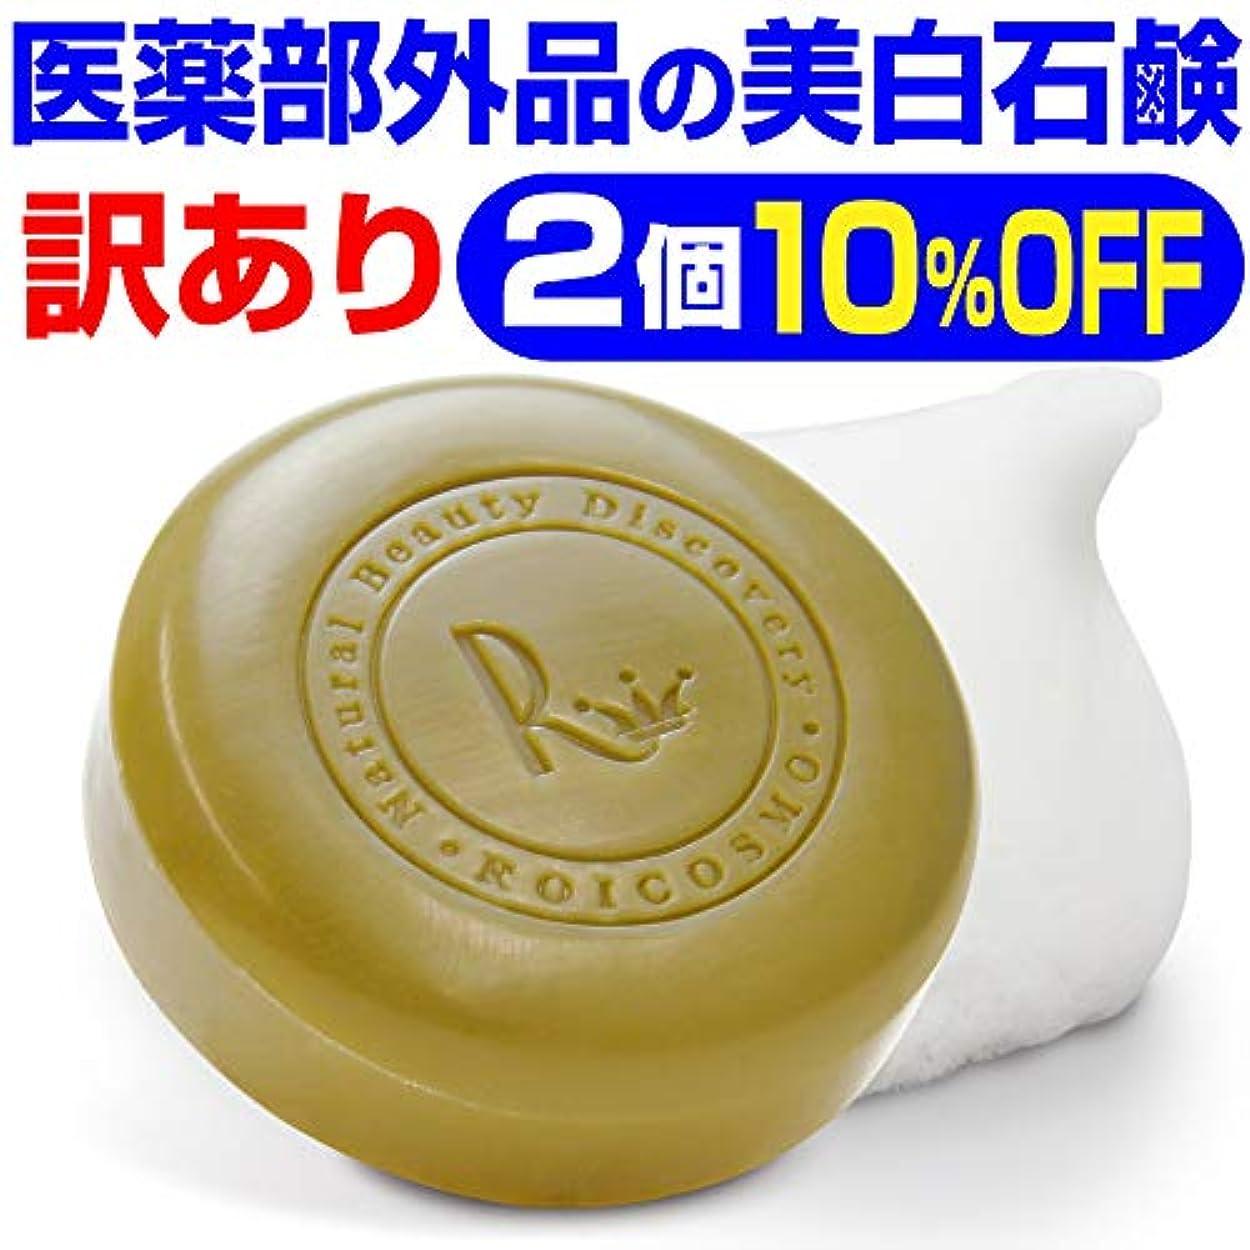 パンサー効率的にビデオ訳あり10%OFF(1個2,143円)売切れ御免 ビタミンC270倍の美白成分の 洗顔石鹸『ホワイトソープ100g×2個』